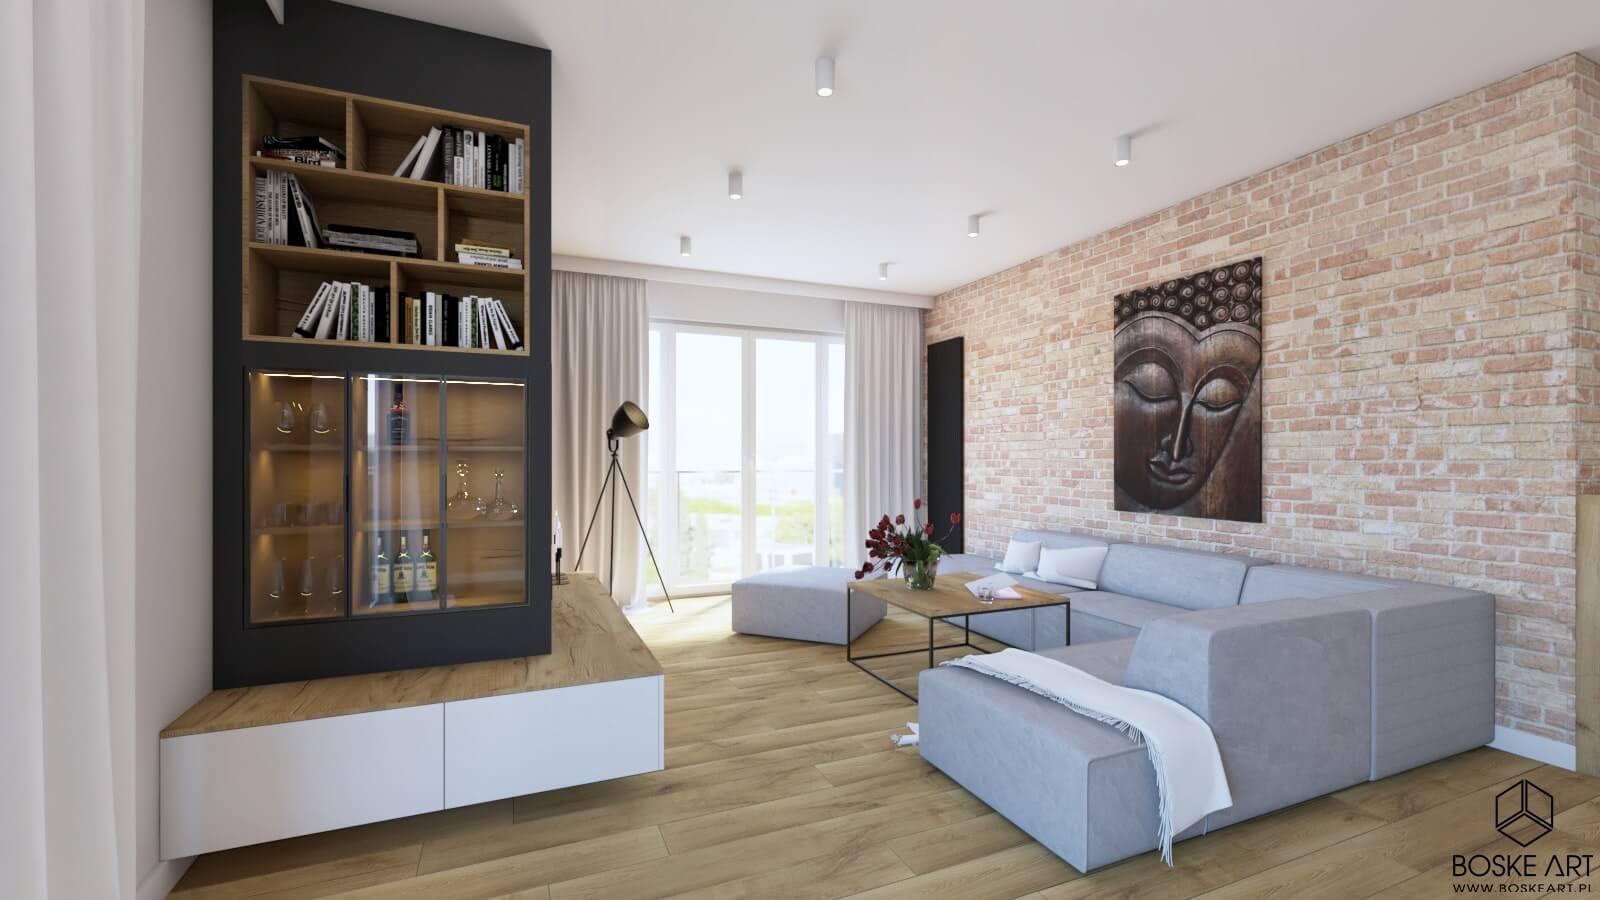 6_mieszkanie_poznan_boske_art_projektowanie_wnetrz_architektura_natalia_robaszkiewicz-min